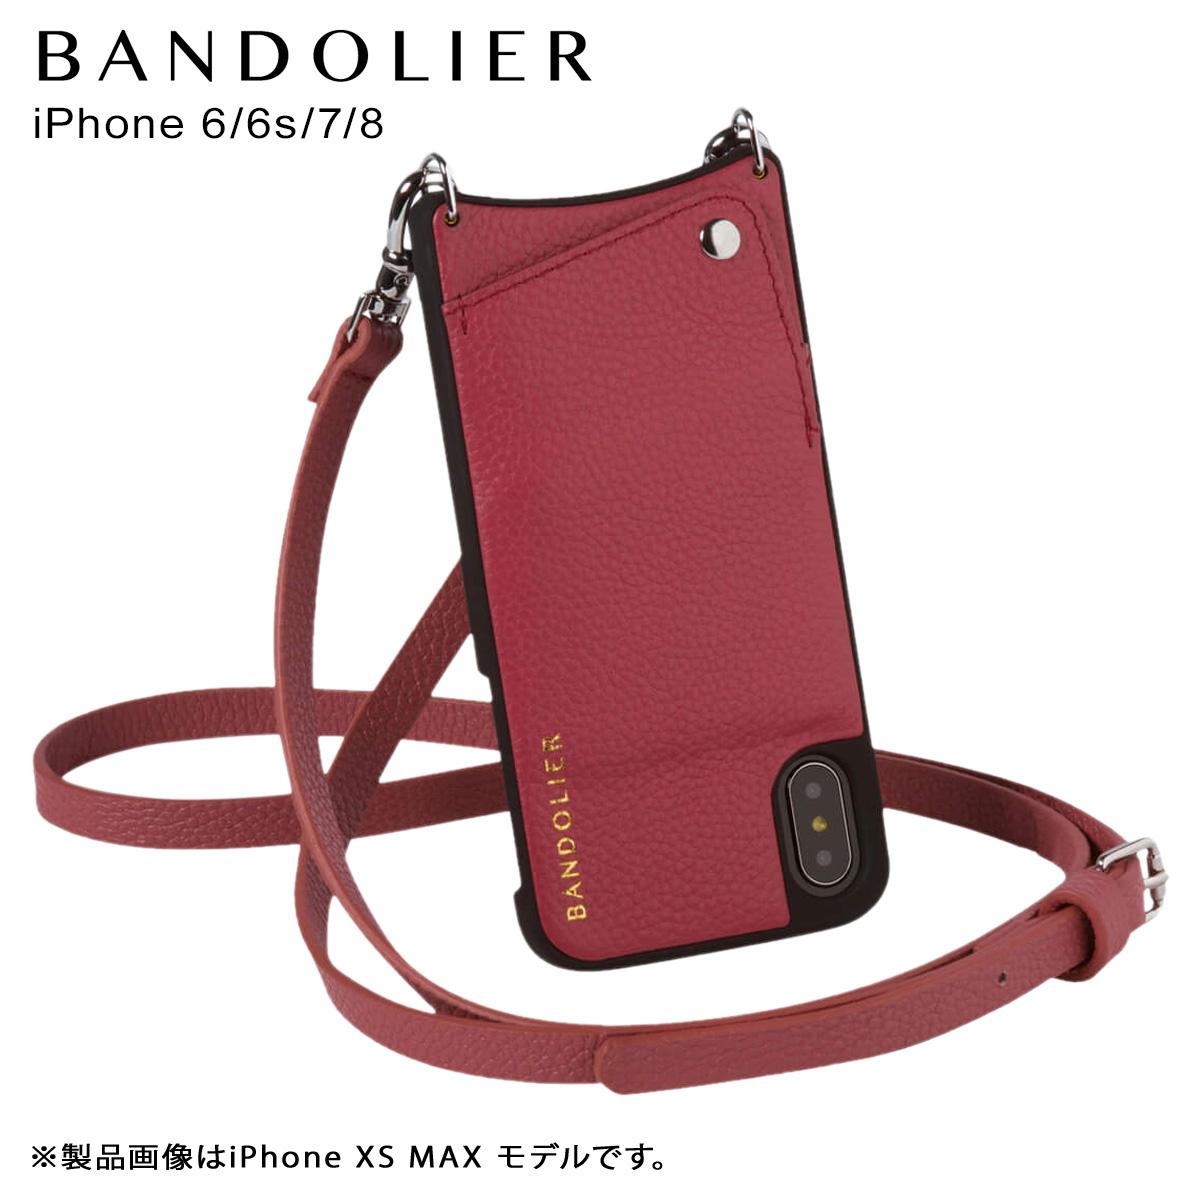 バンドリヤー BANDOLIER iPhone 6 6s 7 8 ケース ショルダー スマホ アイフォン レザー EMMA MAGENTA RED メンズ レディース マゼンタ レッド 10EMM1001